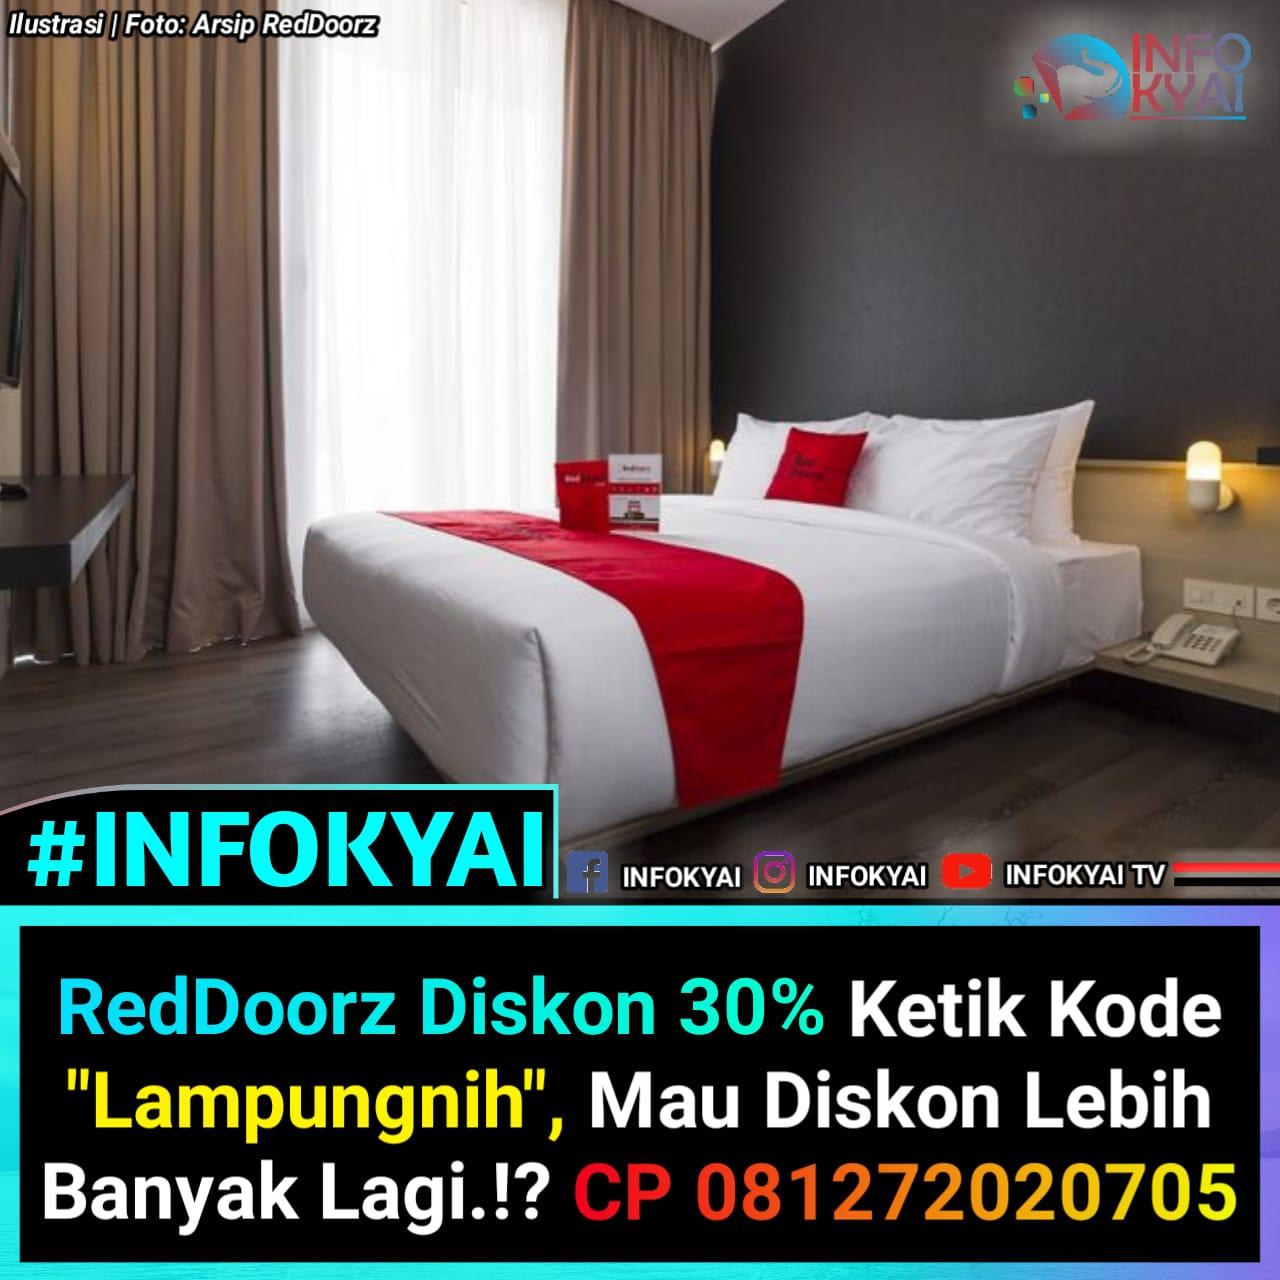 Reddoorz Diskon 30 Ketik Kode Lampungnih Mau Diskon Lebih Banyak Lagi Cp 081272020705 Berita Viral Hari Ini Lowongan Kerja Hari Ini